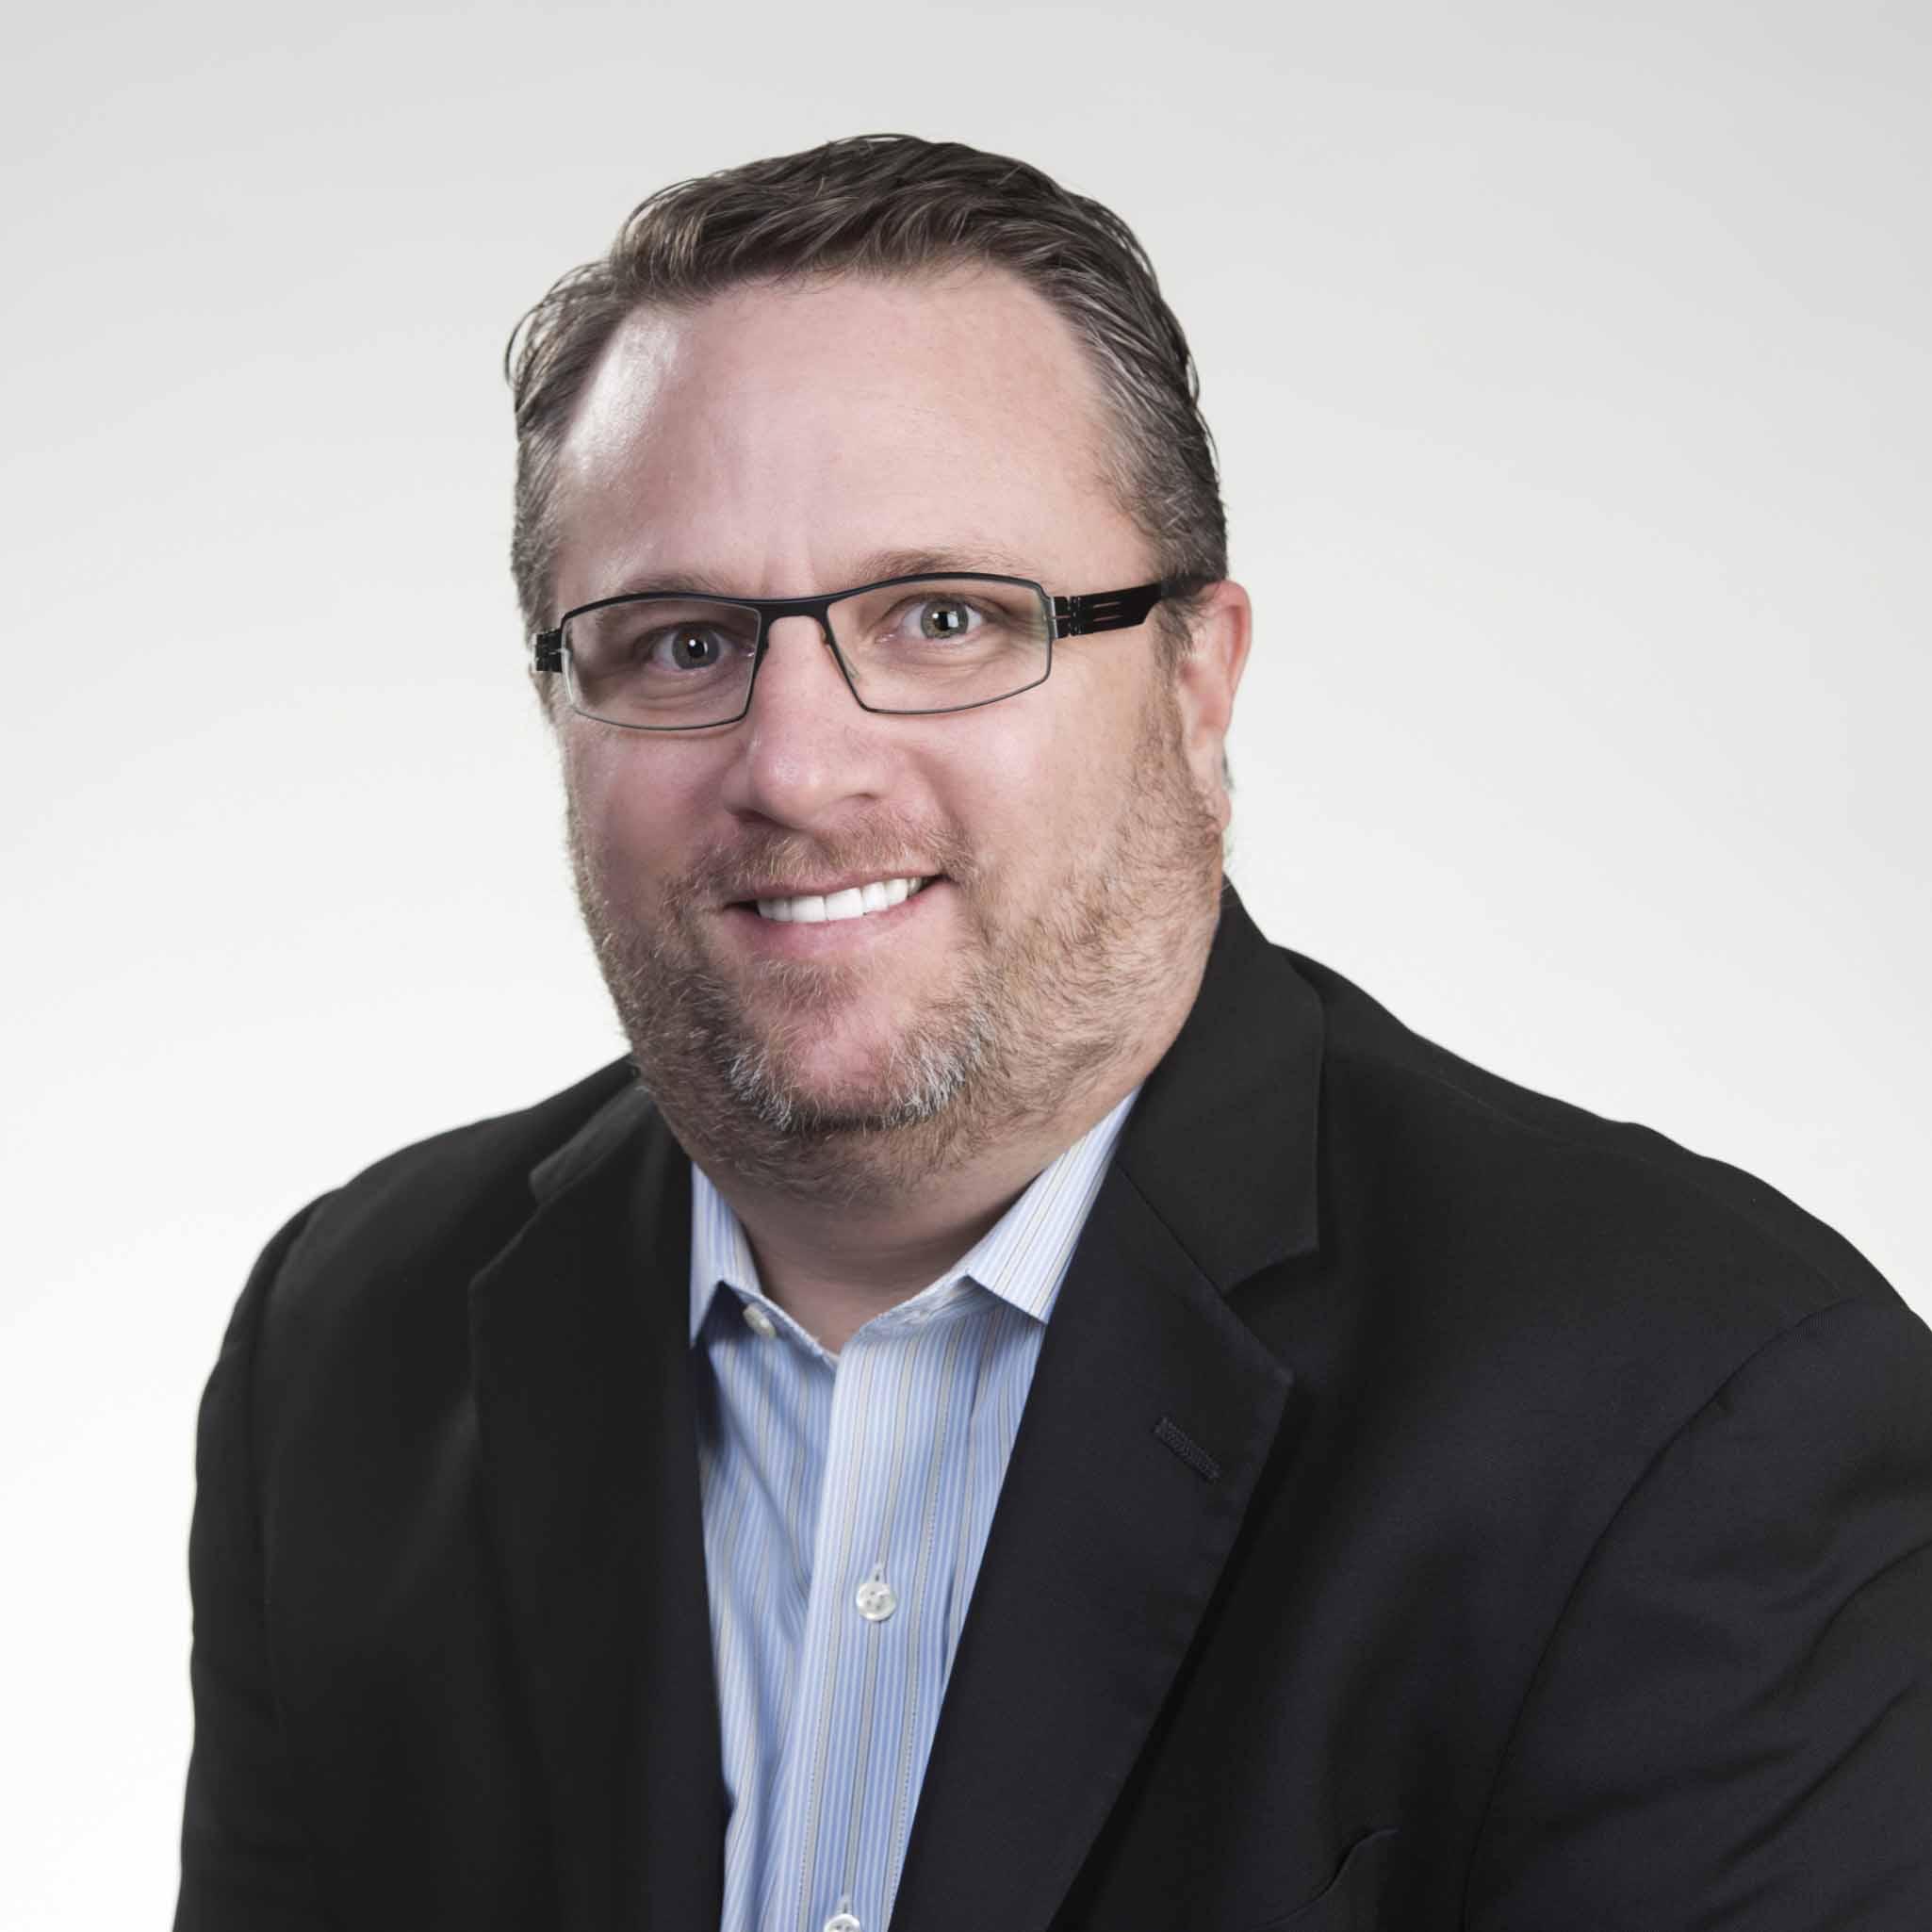 Scott Hodgins - GonzoBanker.com